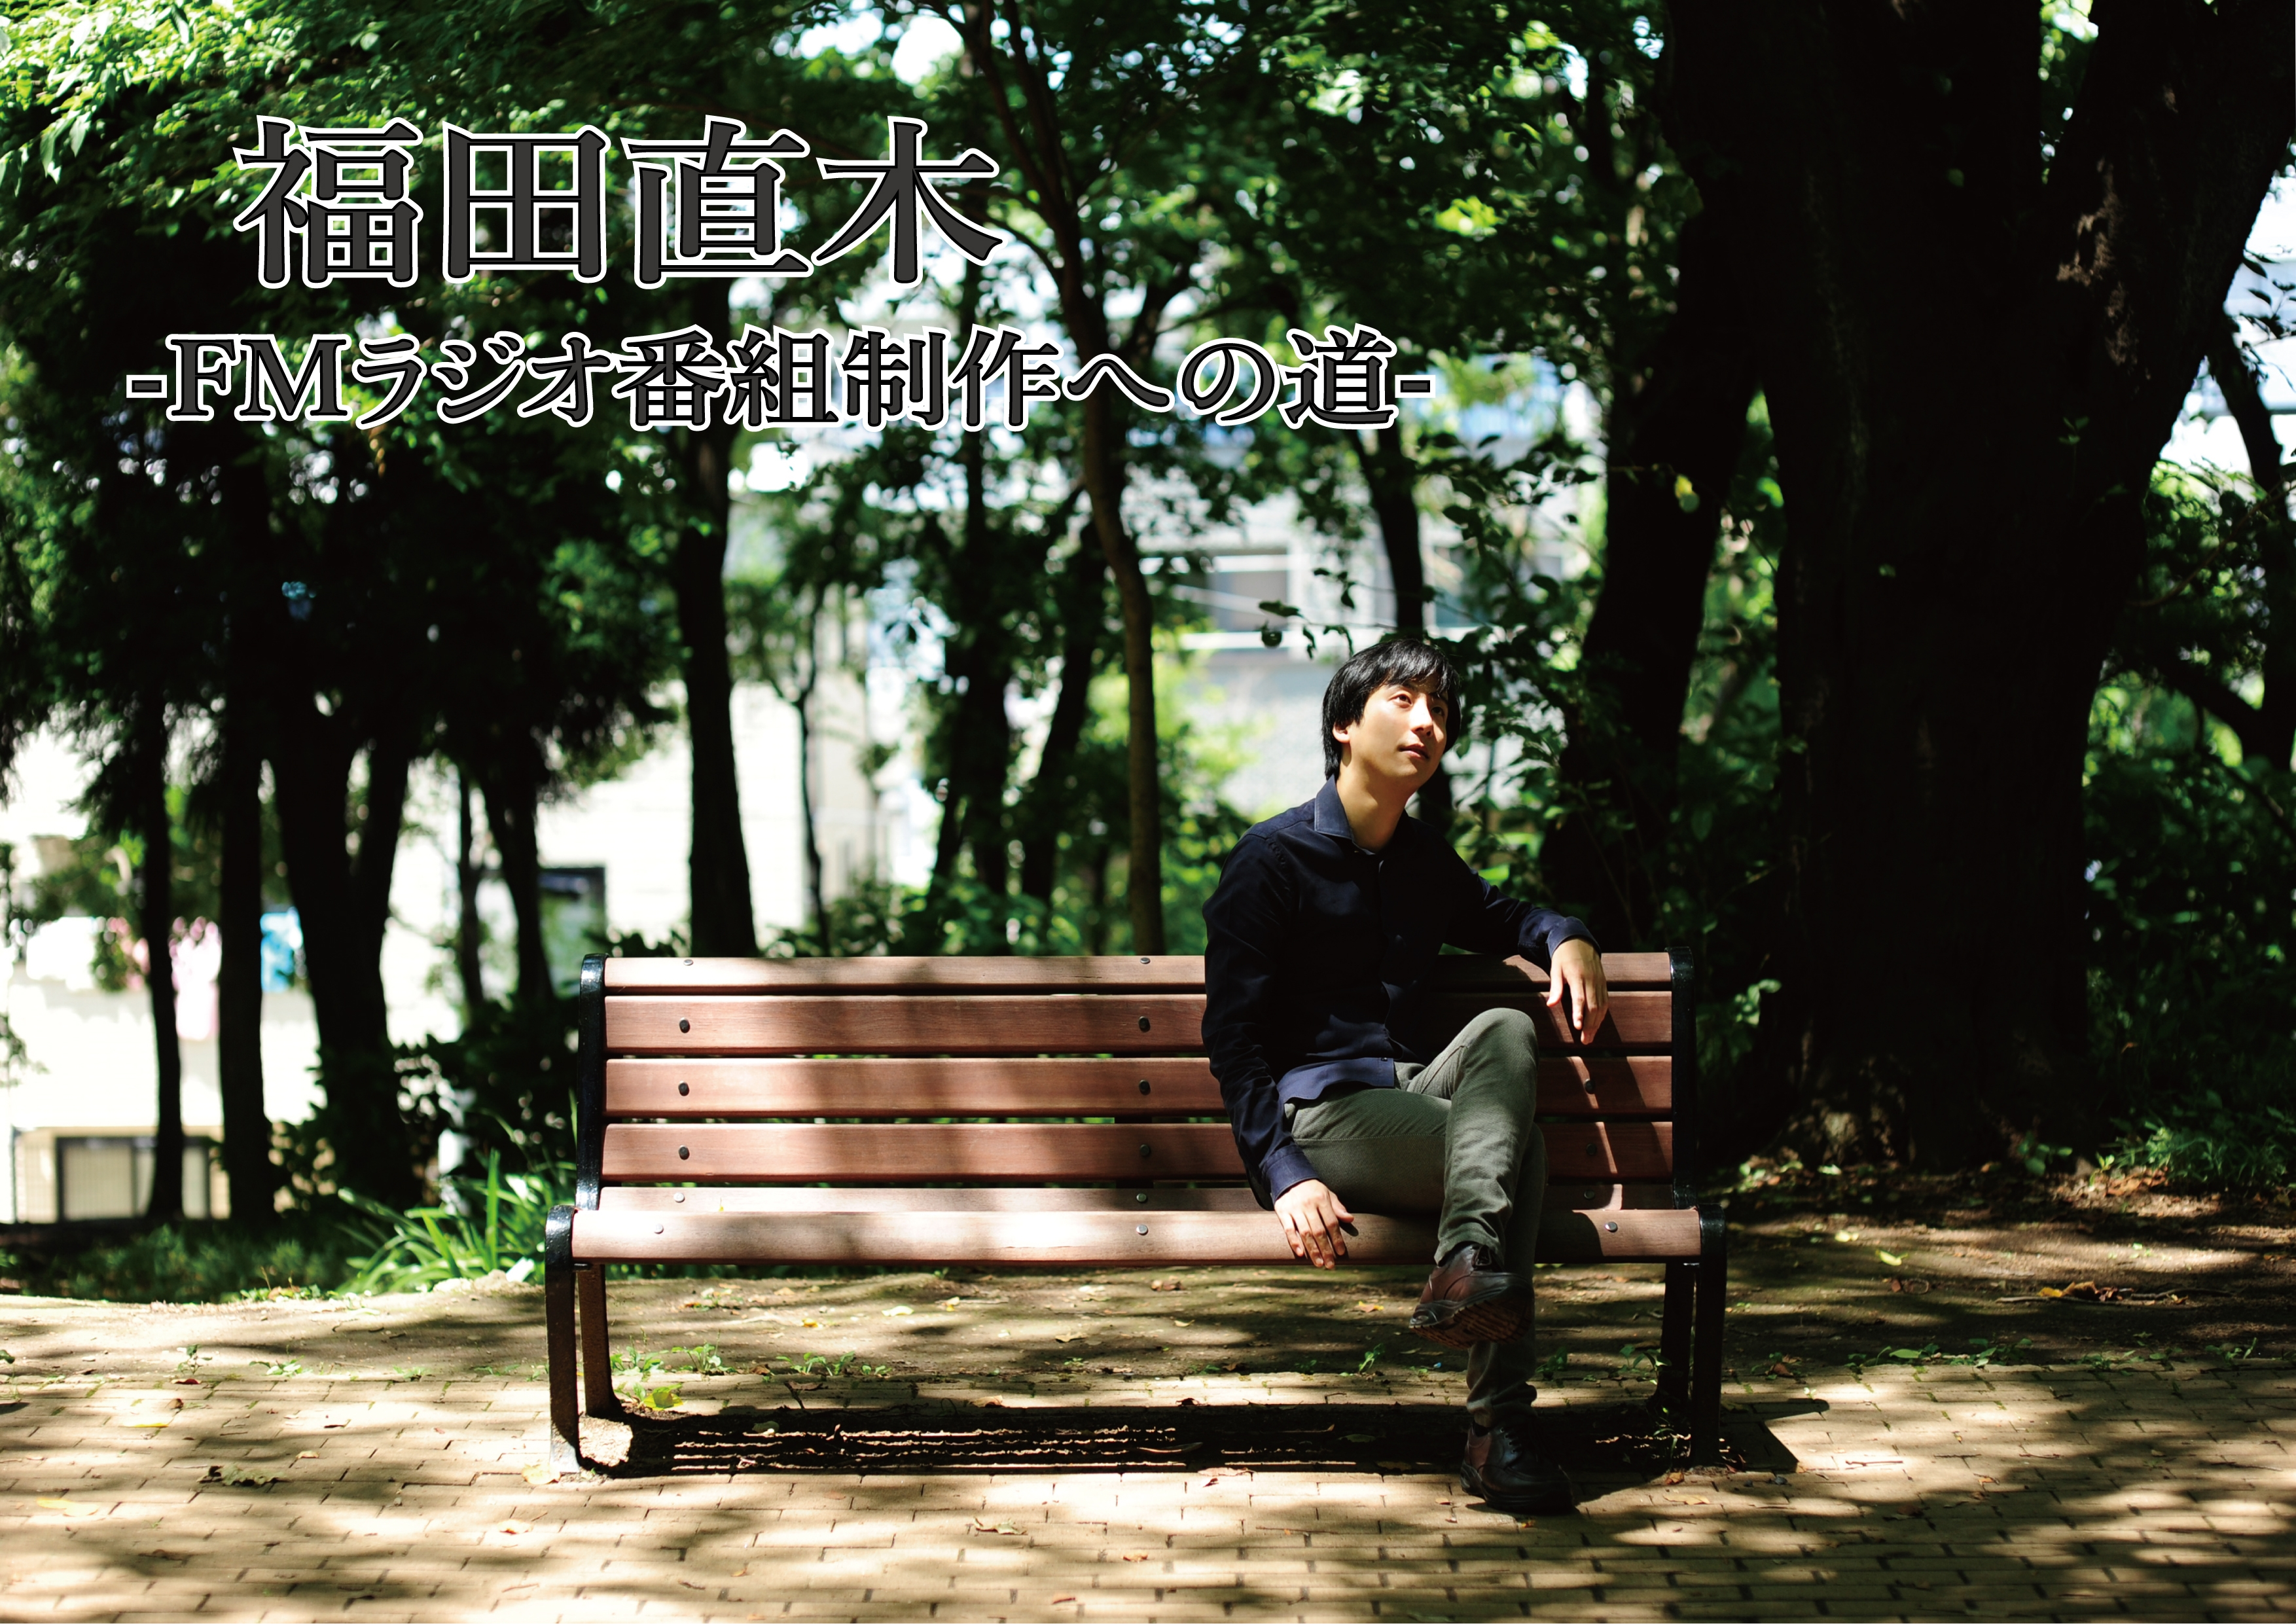 福田直木 ラジオ番組制作への道